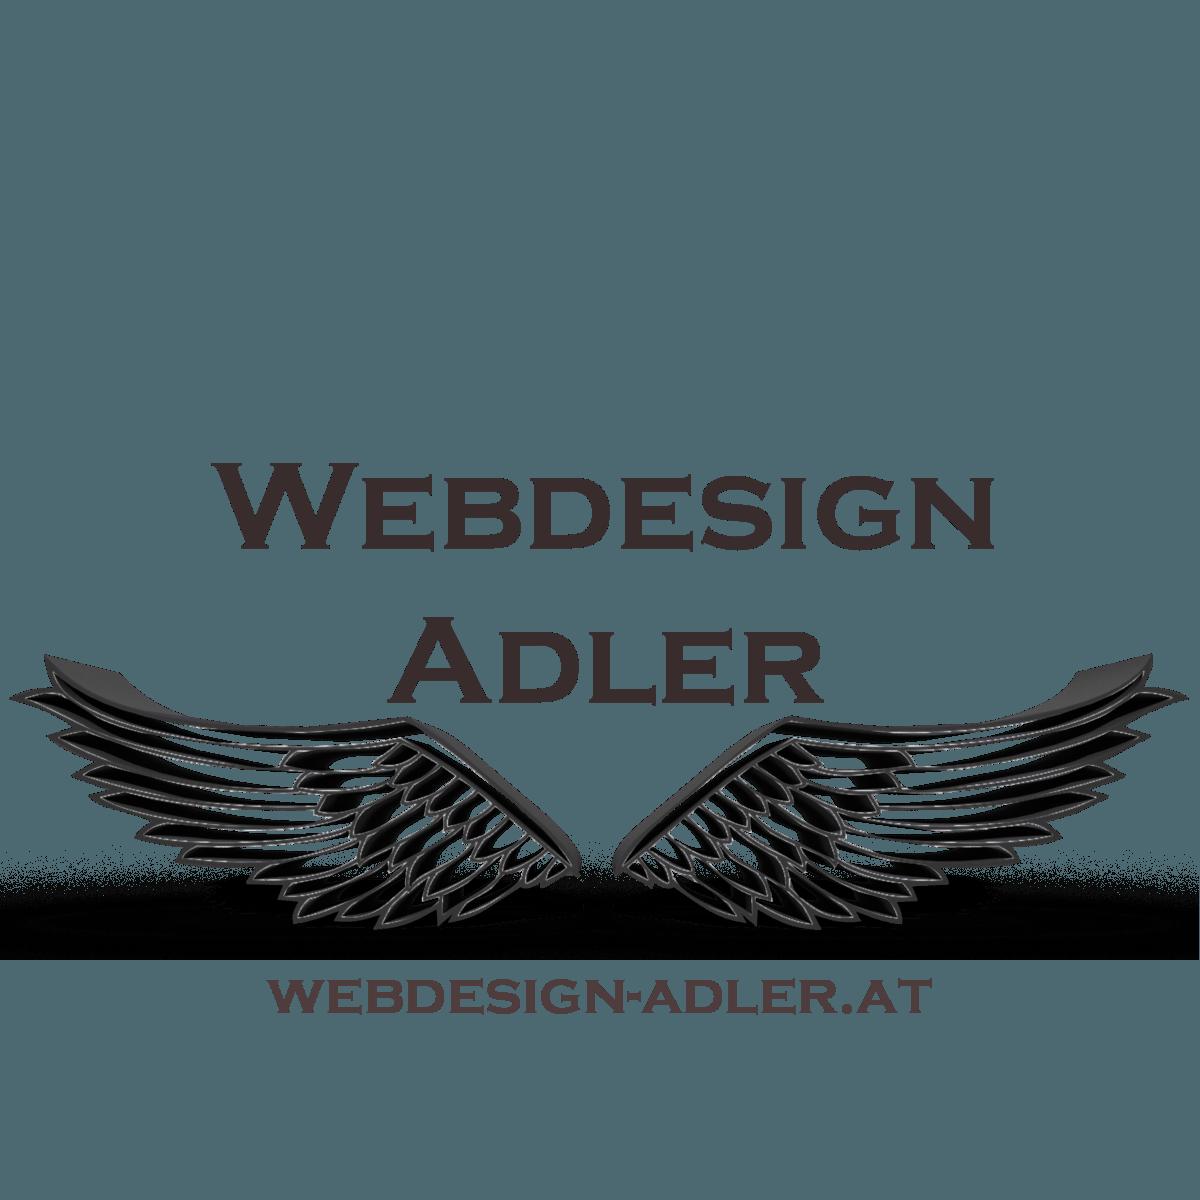 Webdesign Adler